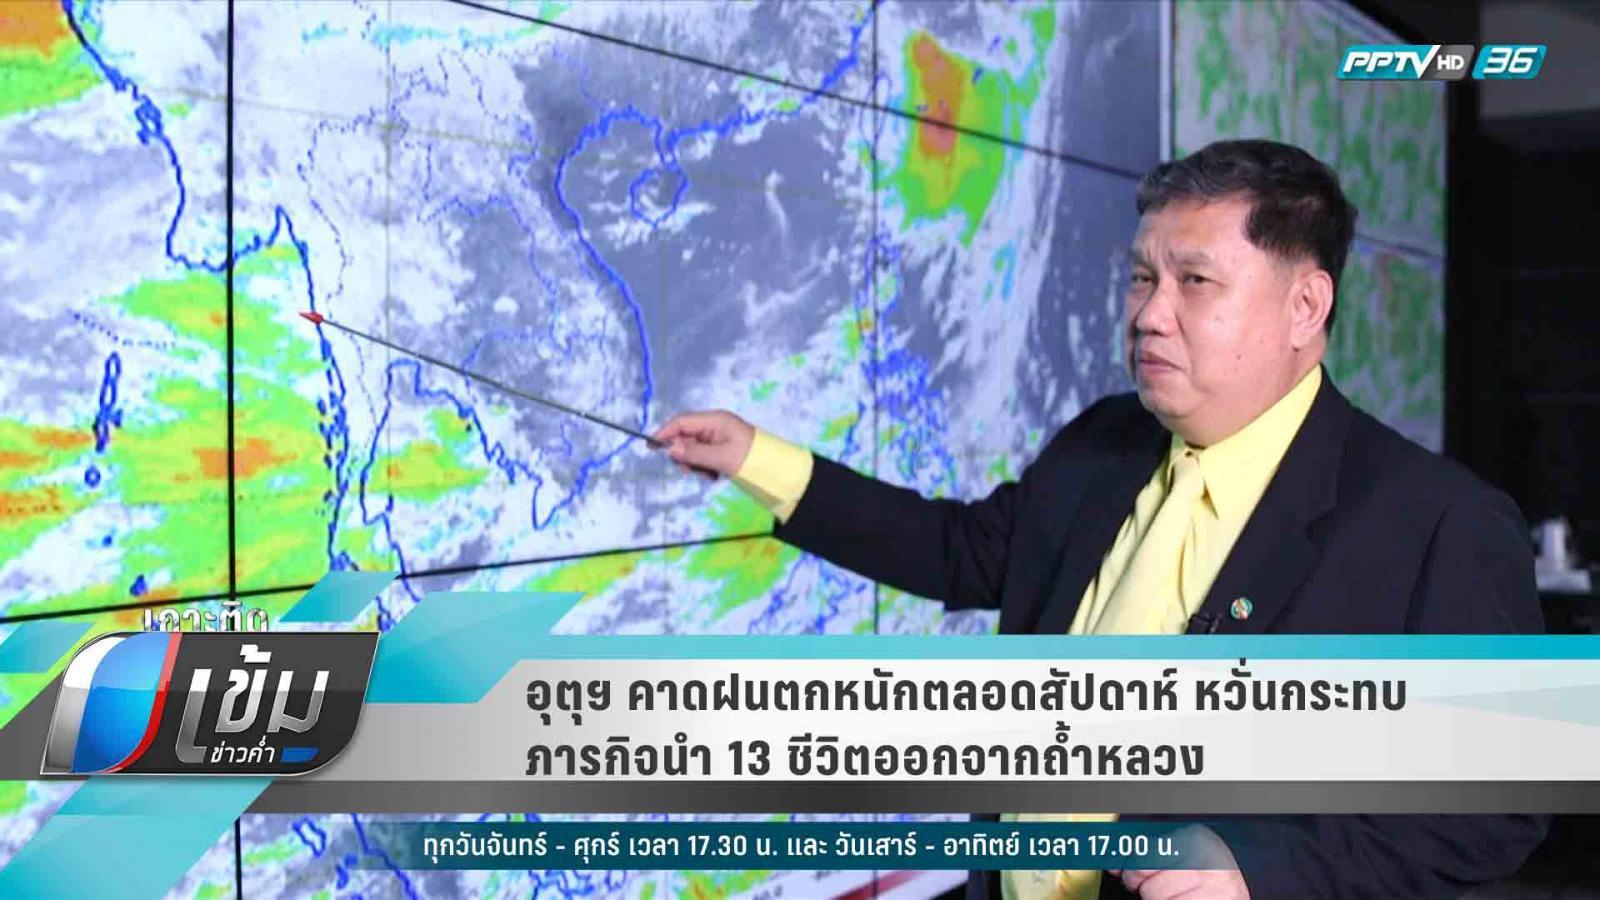 อุตุฯ คาดฝนตกหนักตลอดสัปดาห์ หวั่นกระทบภารกิจนำ 13 ชีวิตออกจากถ้ำหลวง